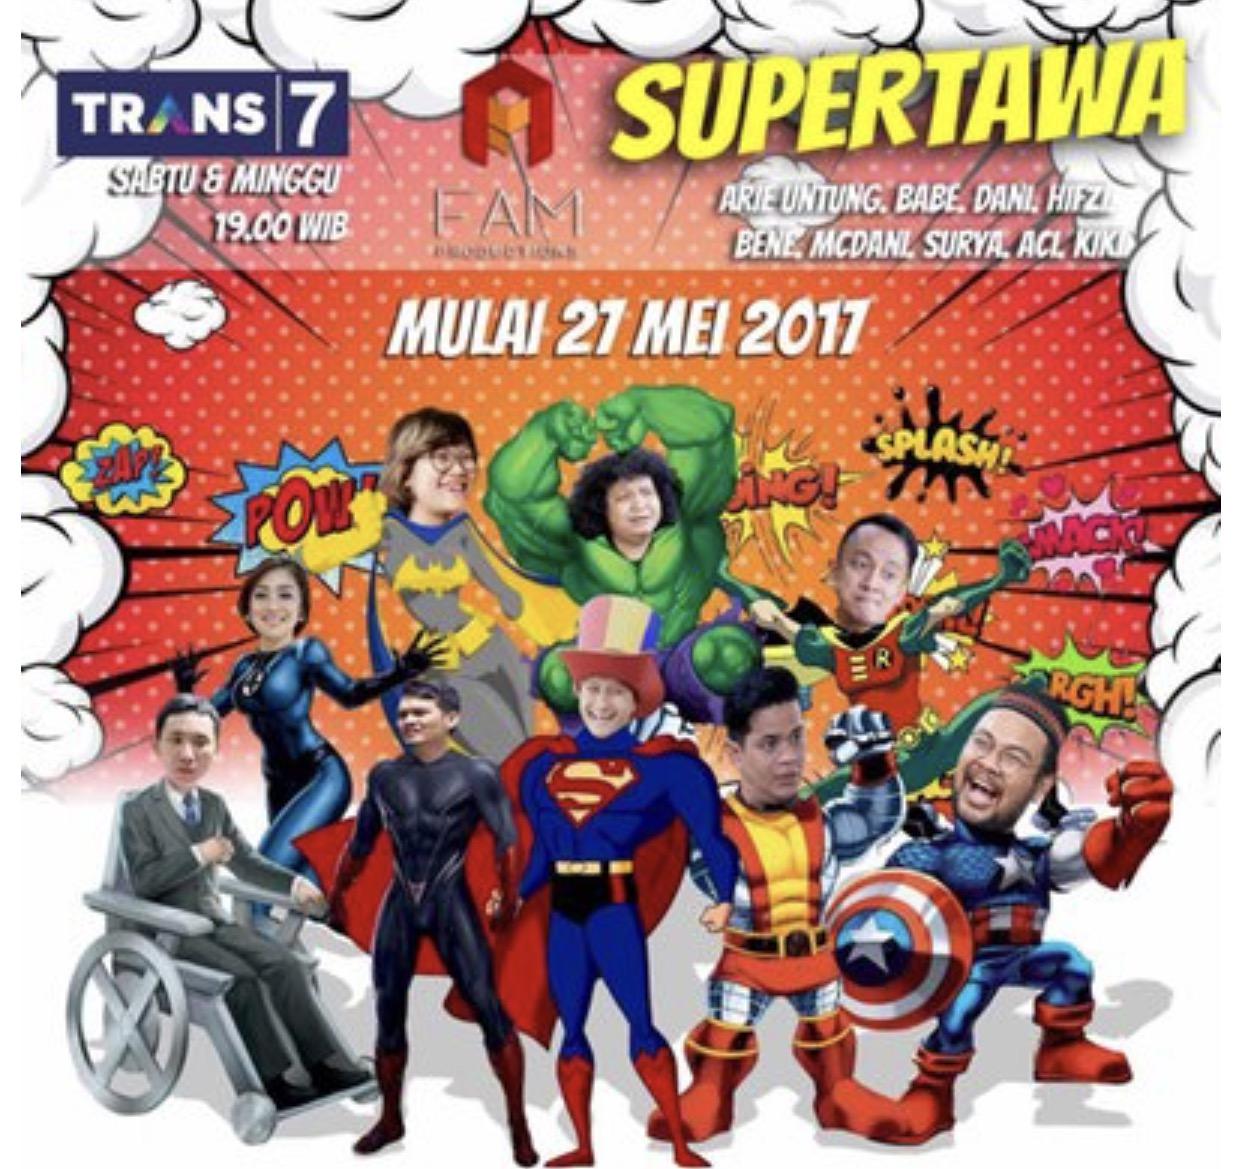 Super tawa